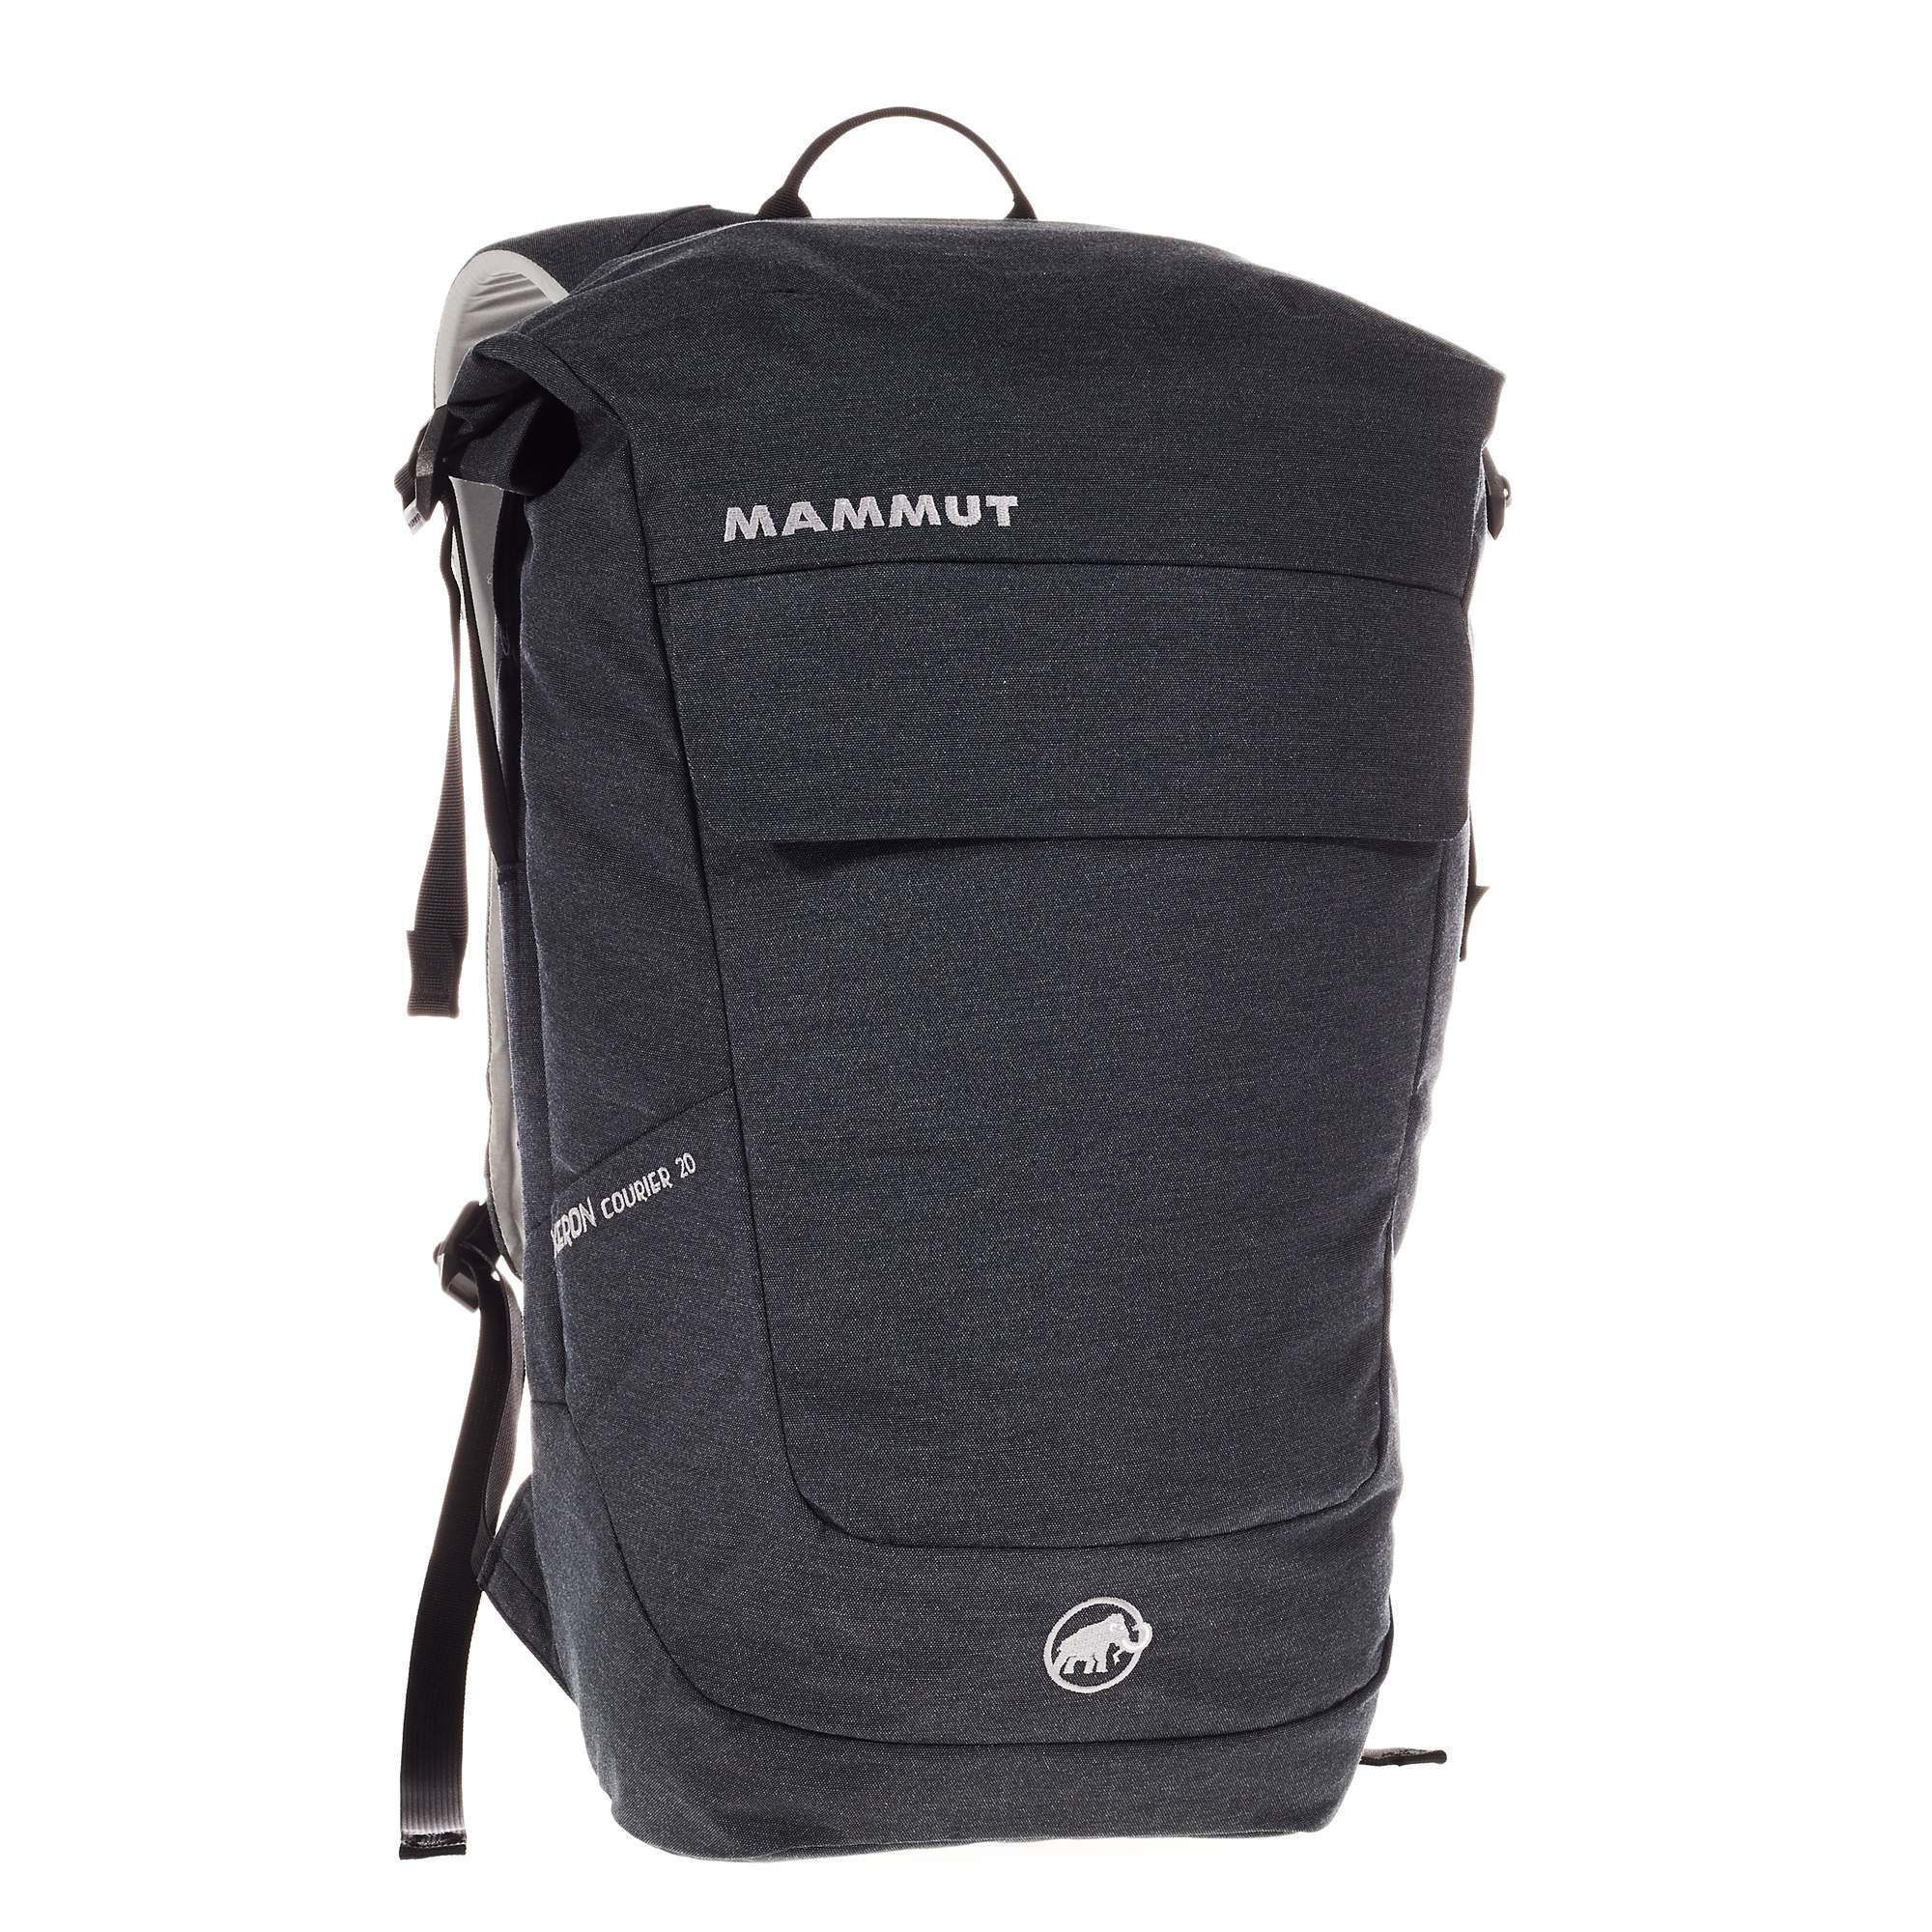 mammut xeron courier 20 preisvergleich rucksack g nstig kaufen bei. Black Bedroom Furniture Sets. Home Design Ideas